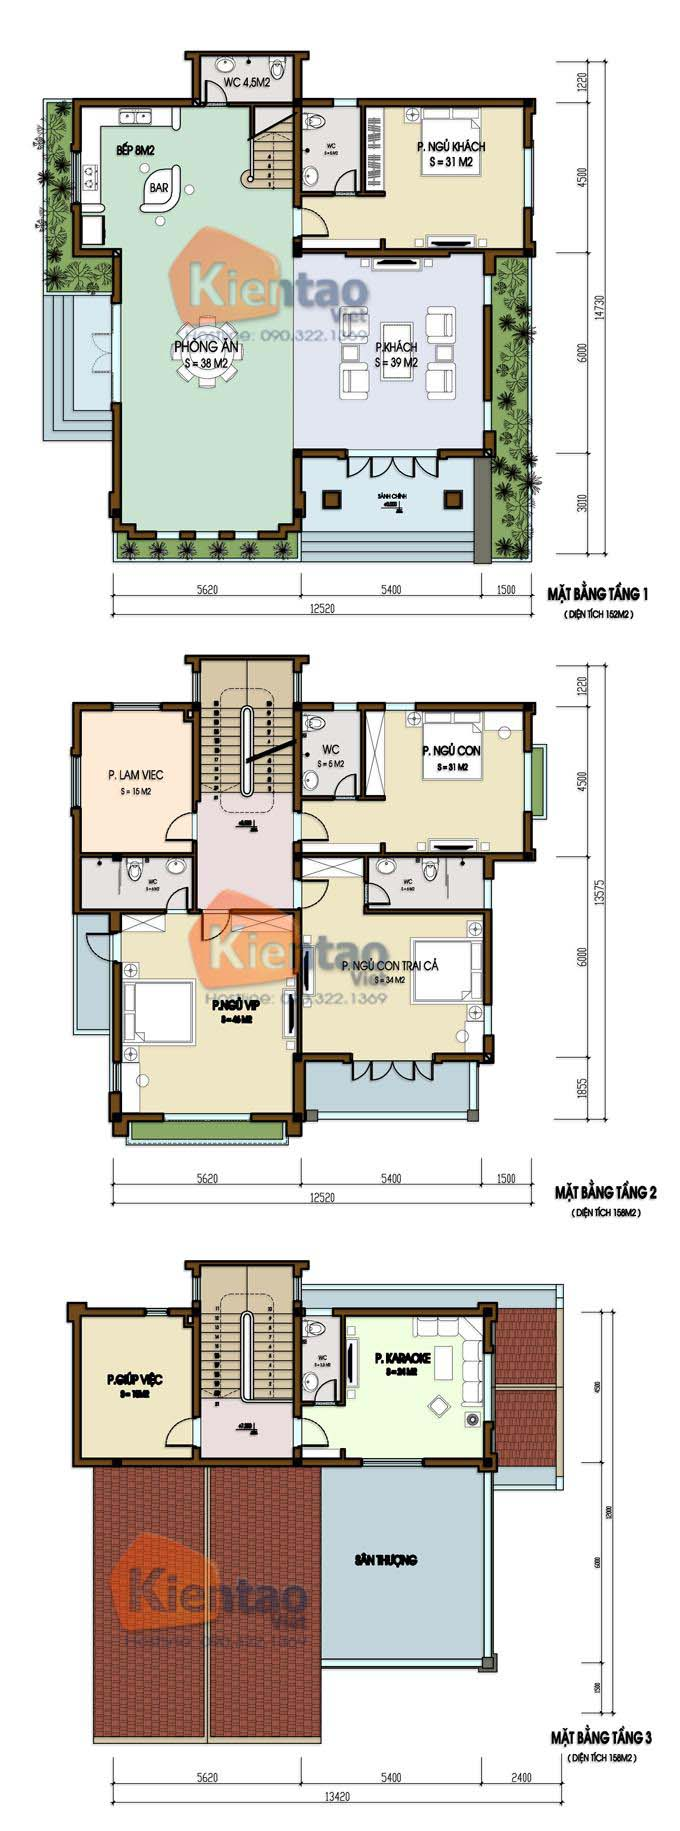 Phương án công năng - Thiết kế biệt thự đẹp 2 tầng 1 tum hiện đại